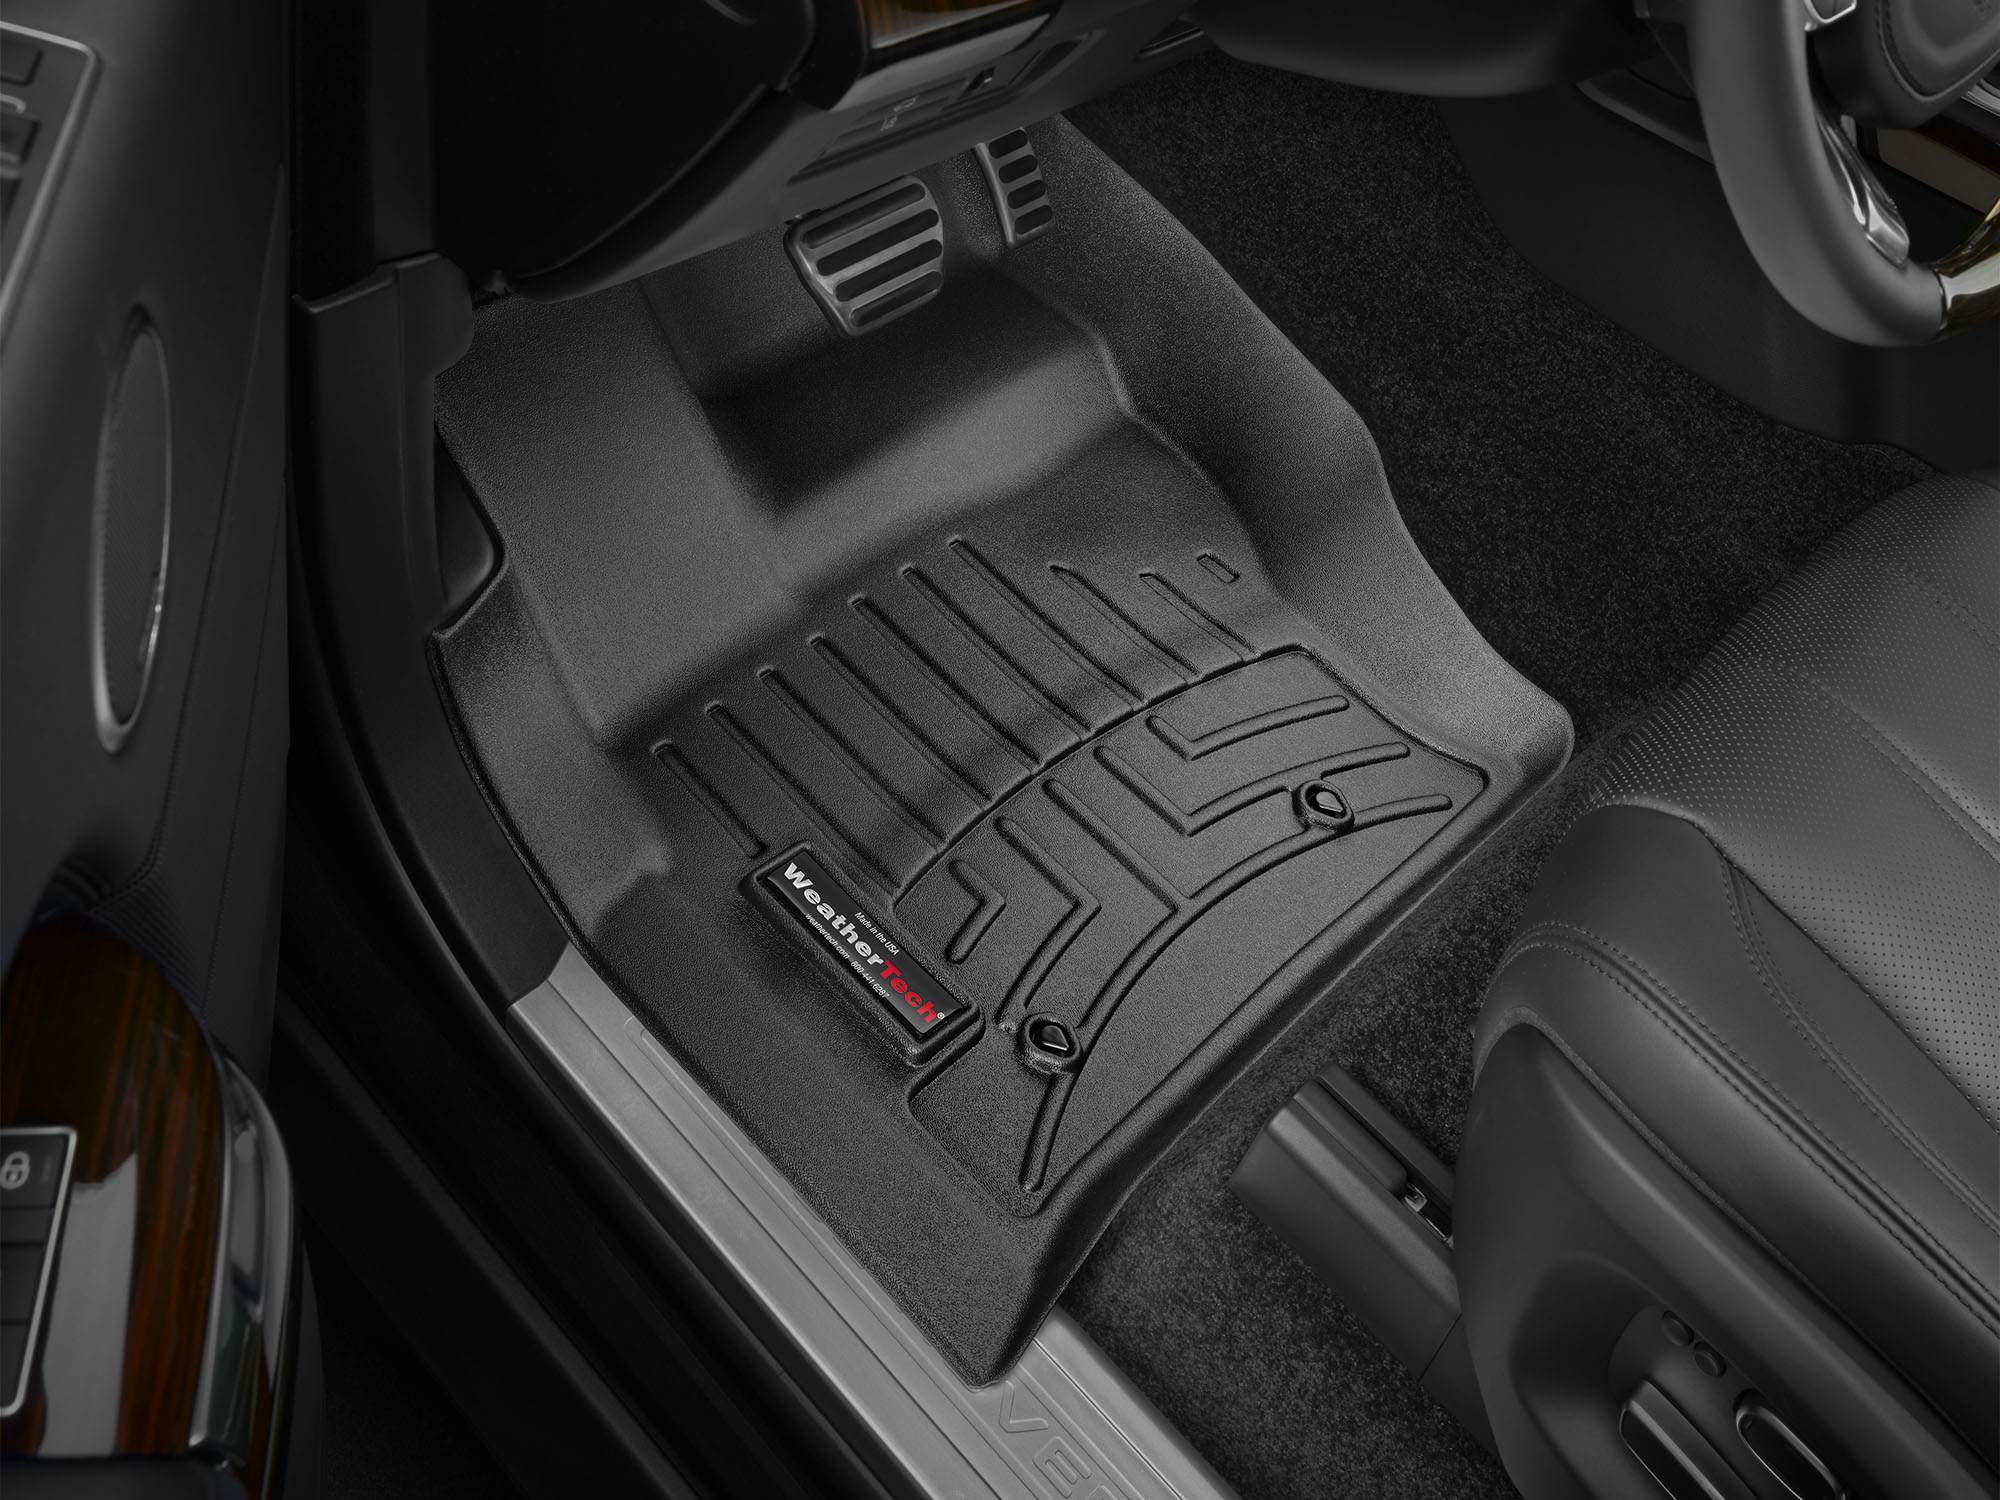 Tappeti gomma su misura bordo alto Land Rover 14>17 Nero A1995*